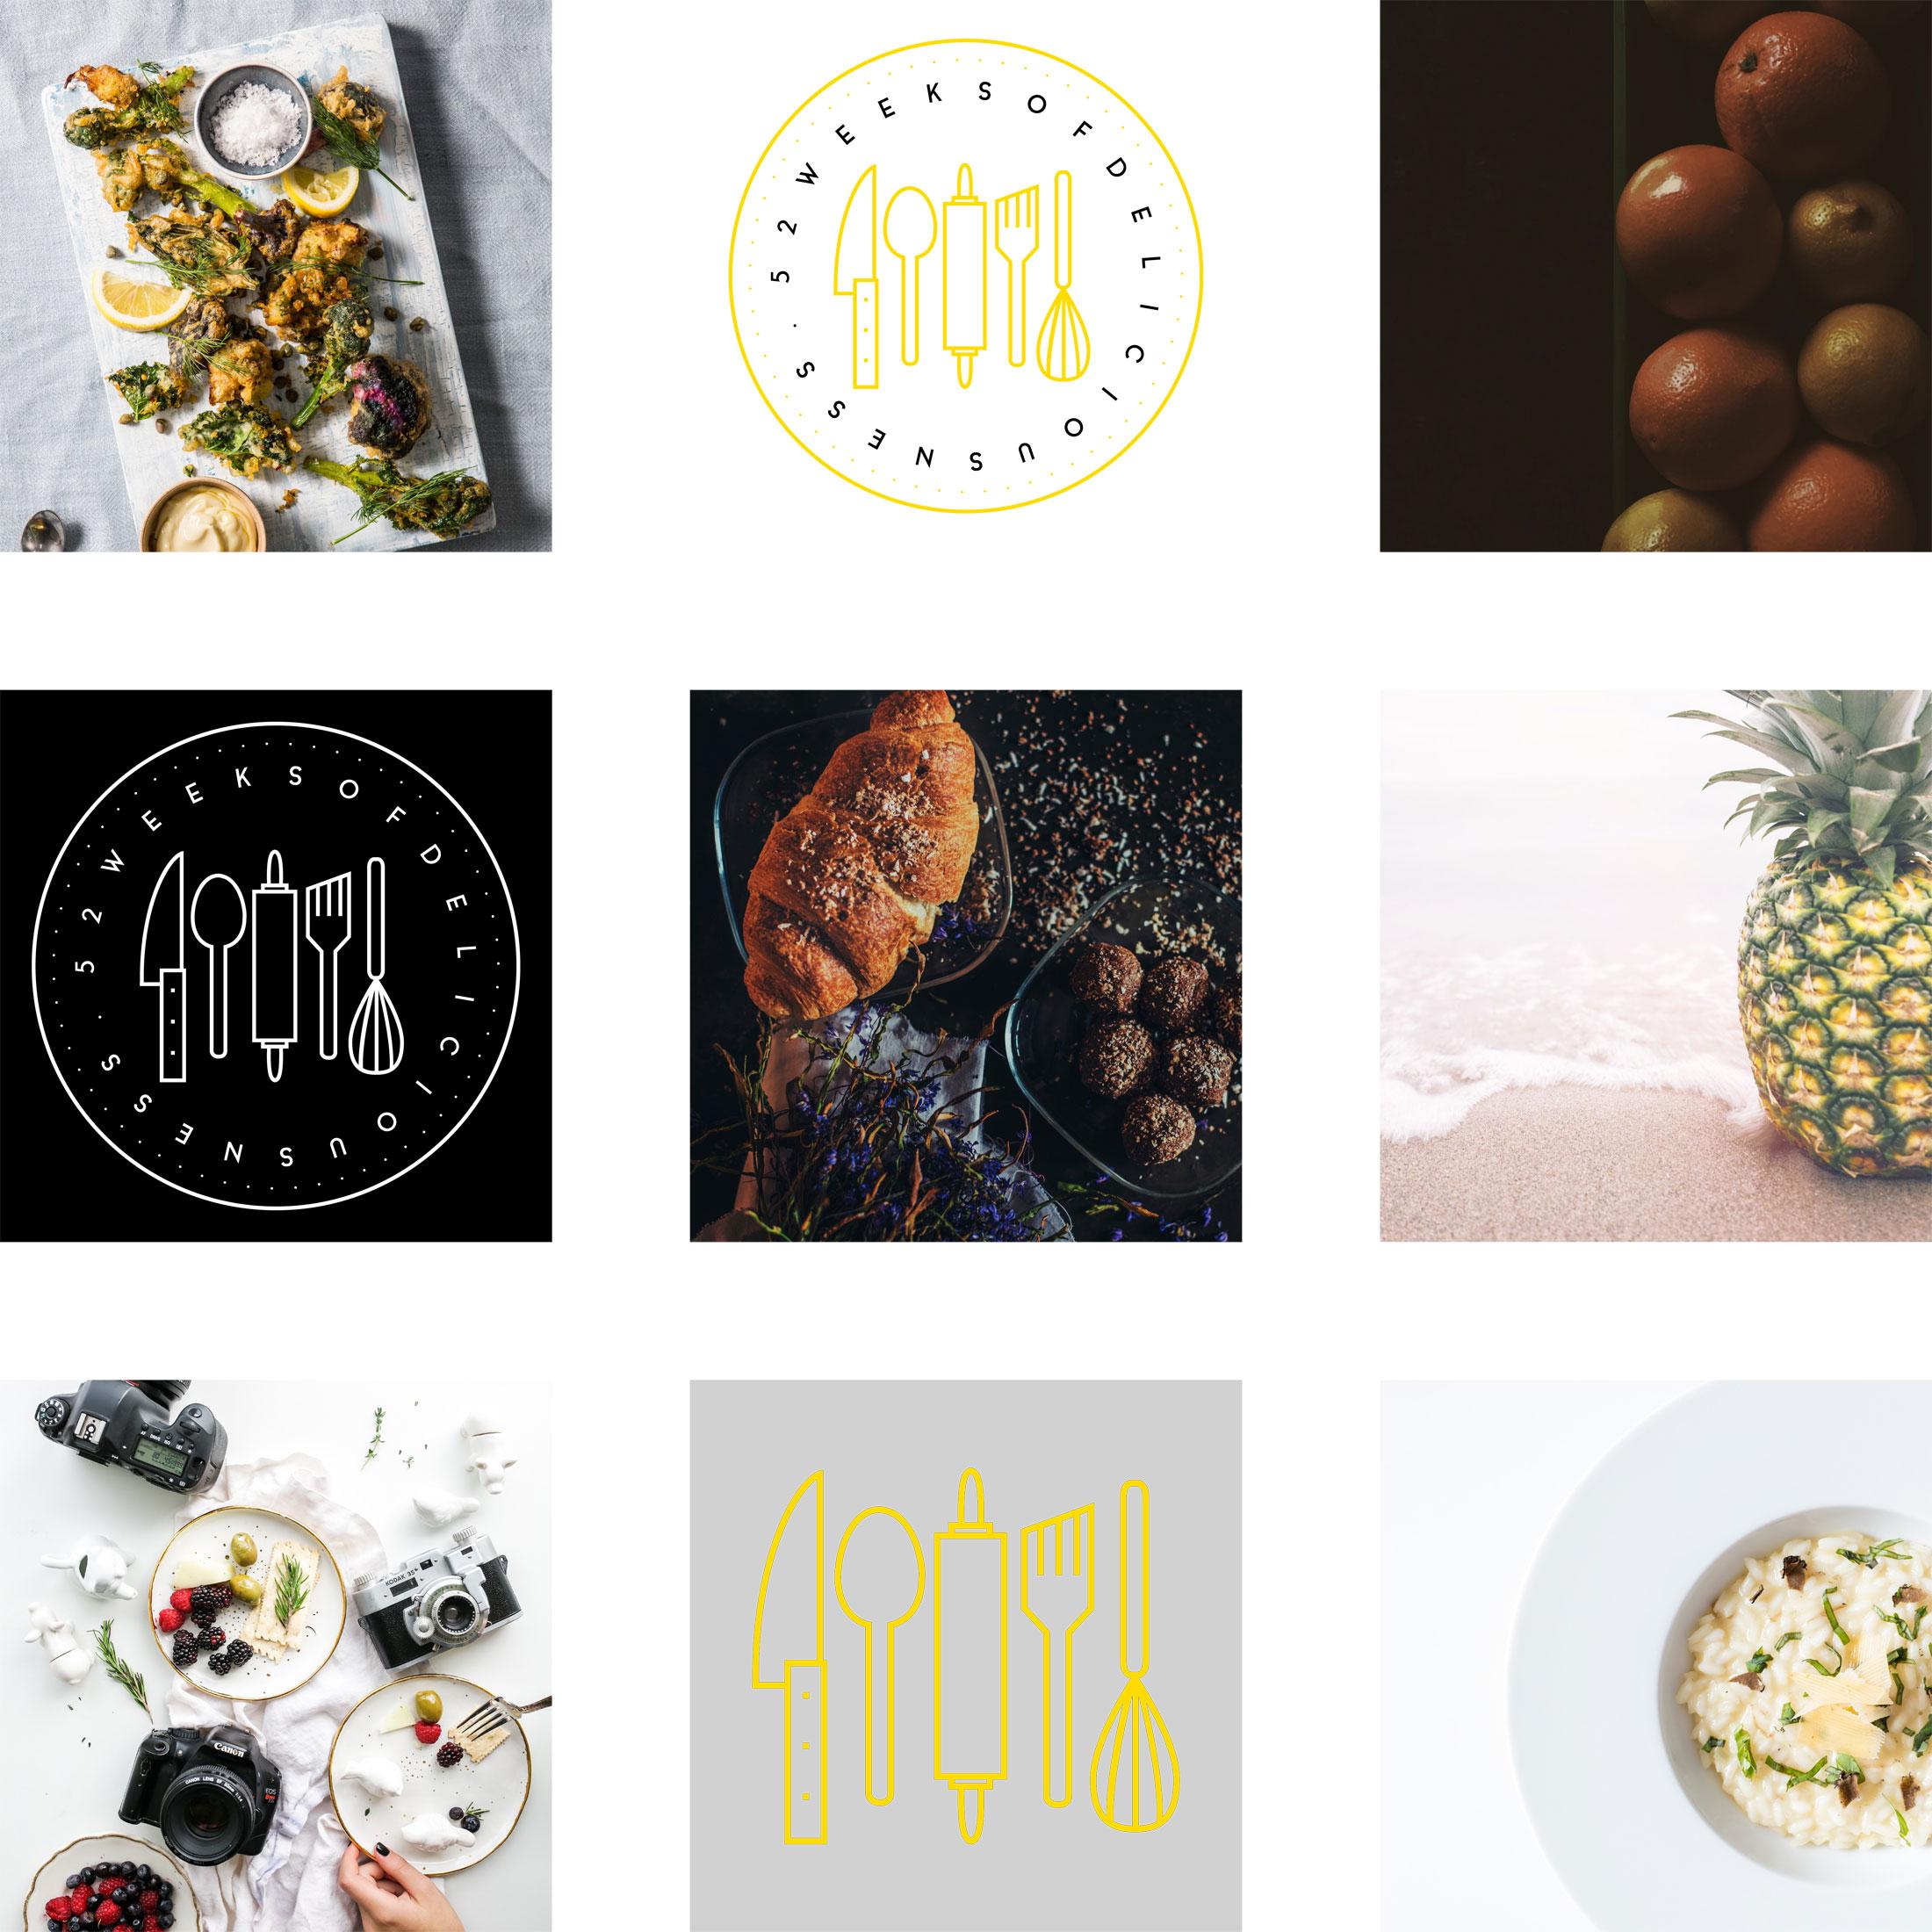 food-logo-by-Annika-Välimäki.jpg